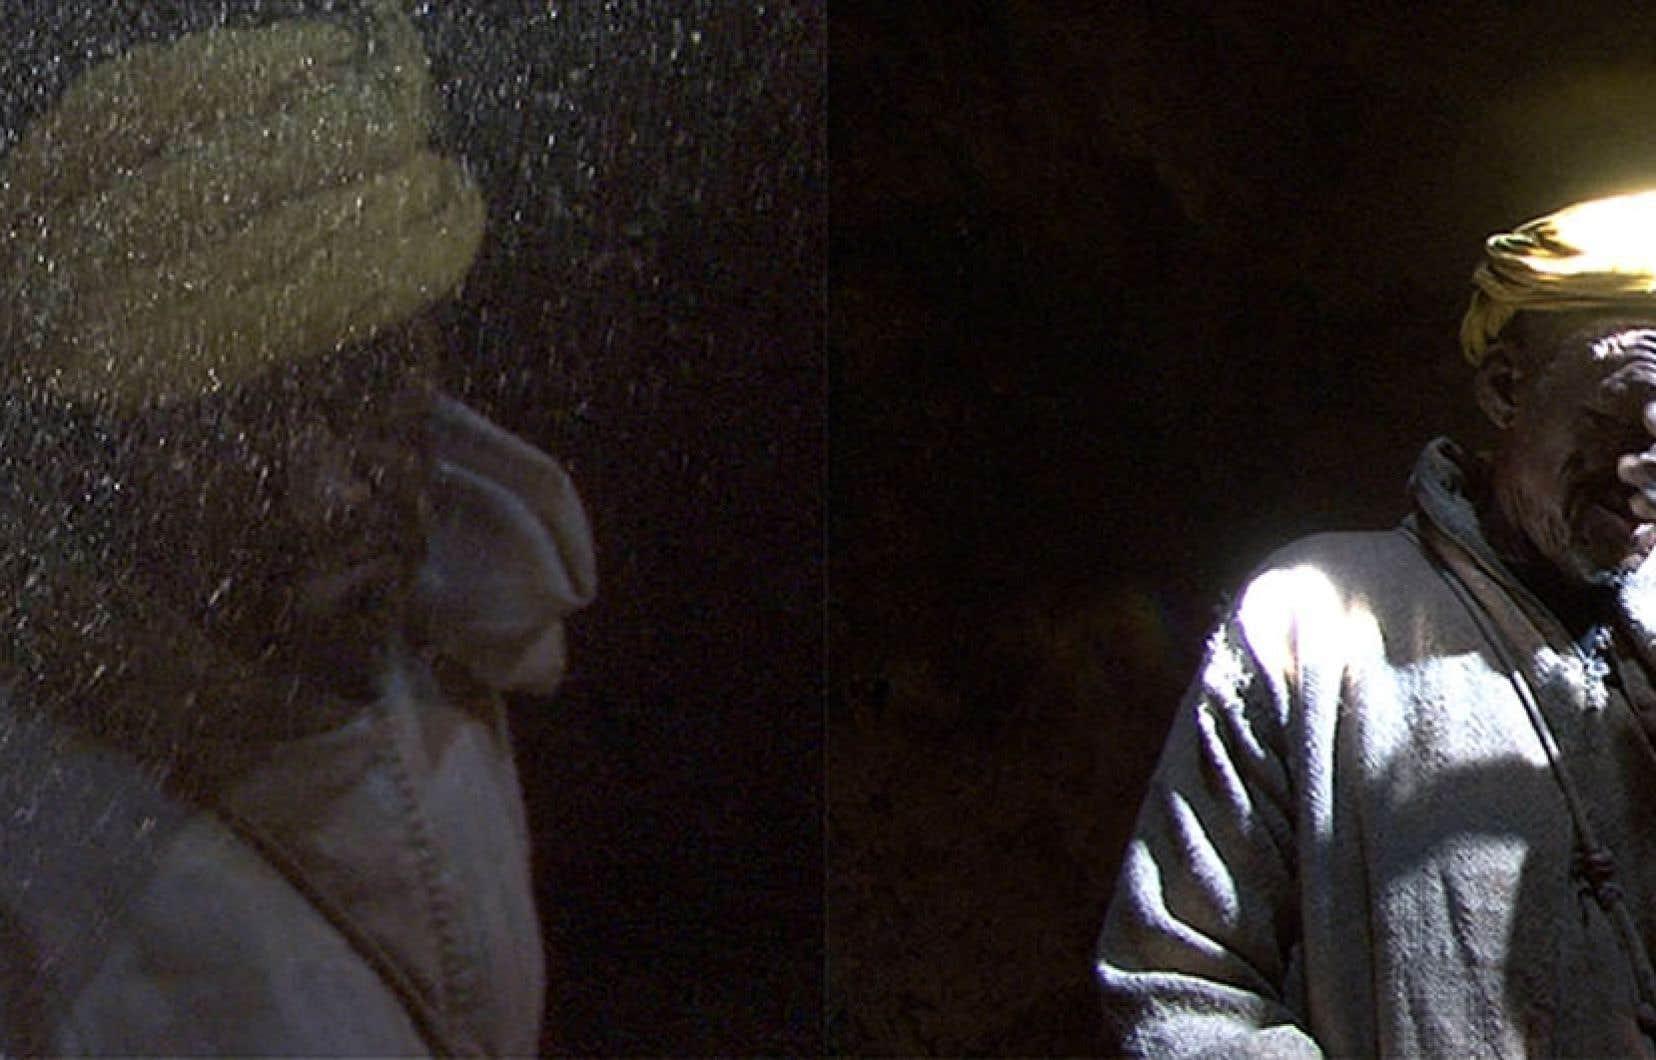 Sylvia Safdie, The Guardian, 2009, vidéo couleur, son, 3 min 26 sec. Image tirée de la vidéo.